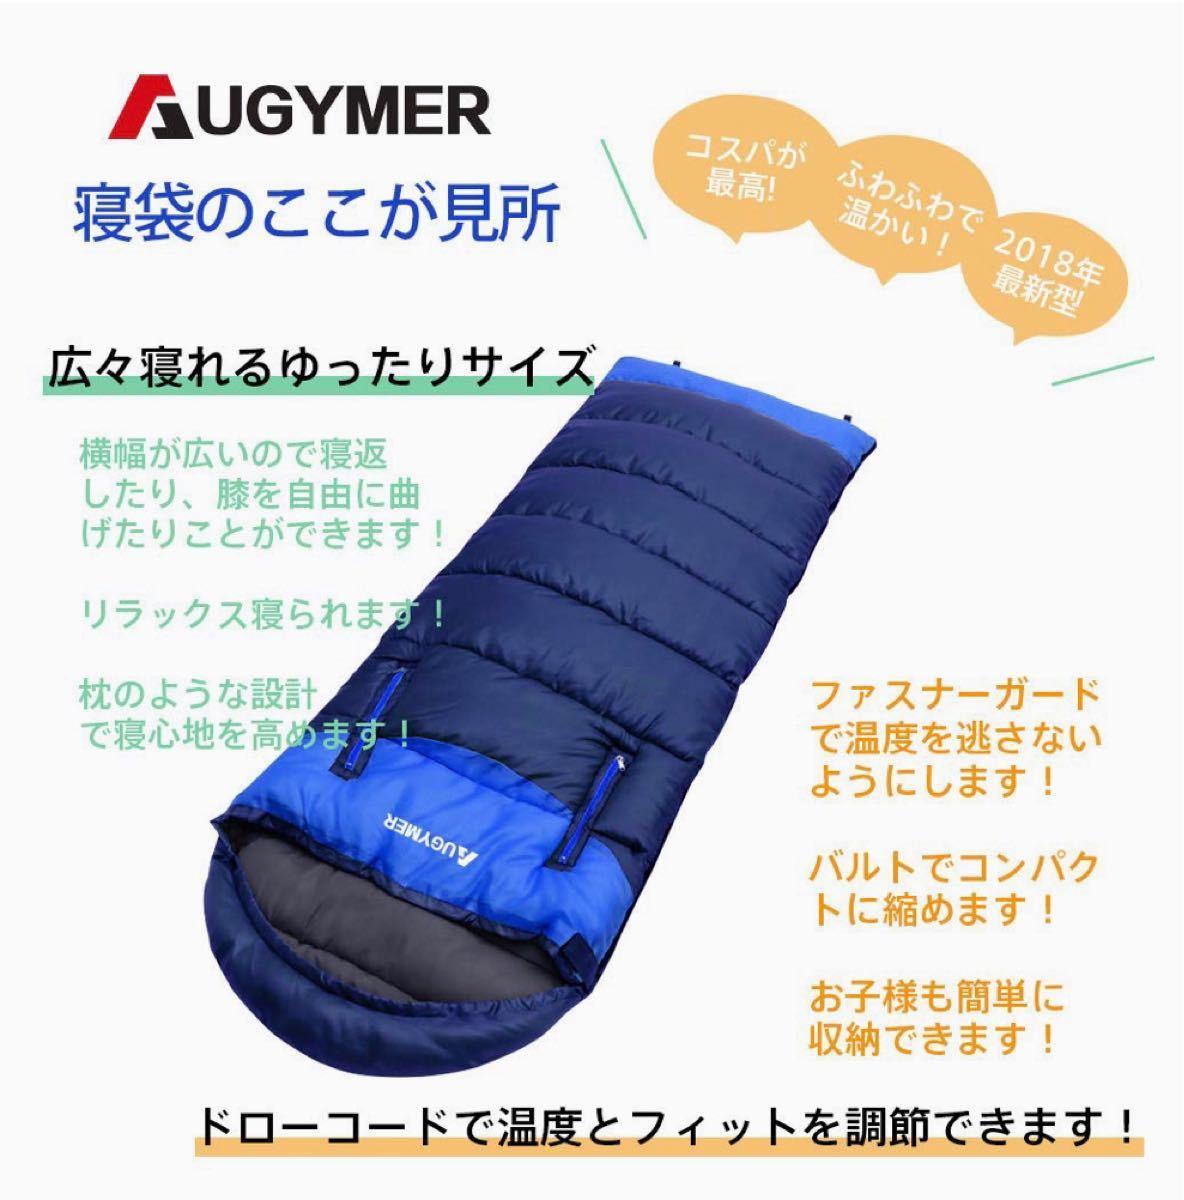 シュラフ 寝袋 封筒型 防災グッズ アウトドア 防水 車中泊  ネイビー 収納袋 軽量 コンパクト 寝袋シュラフ